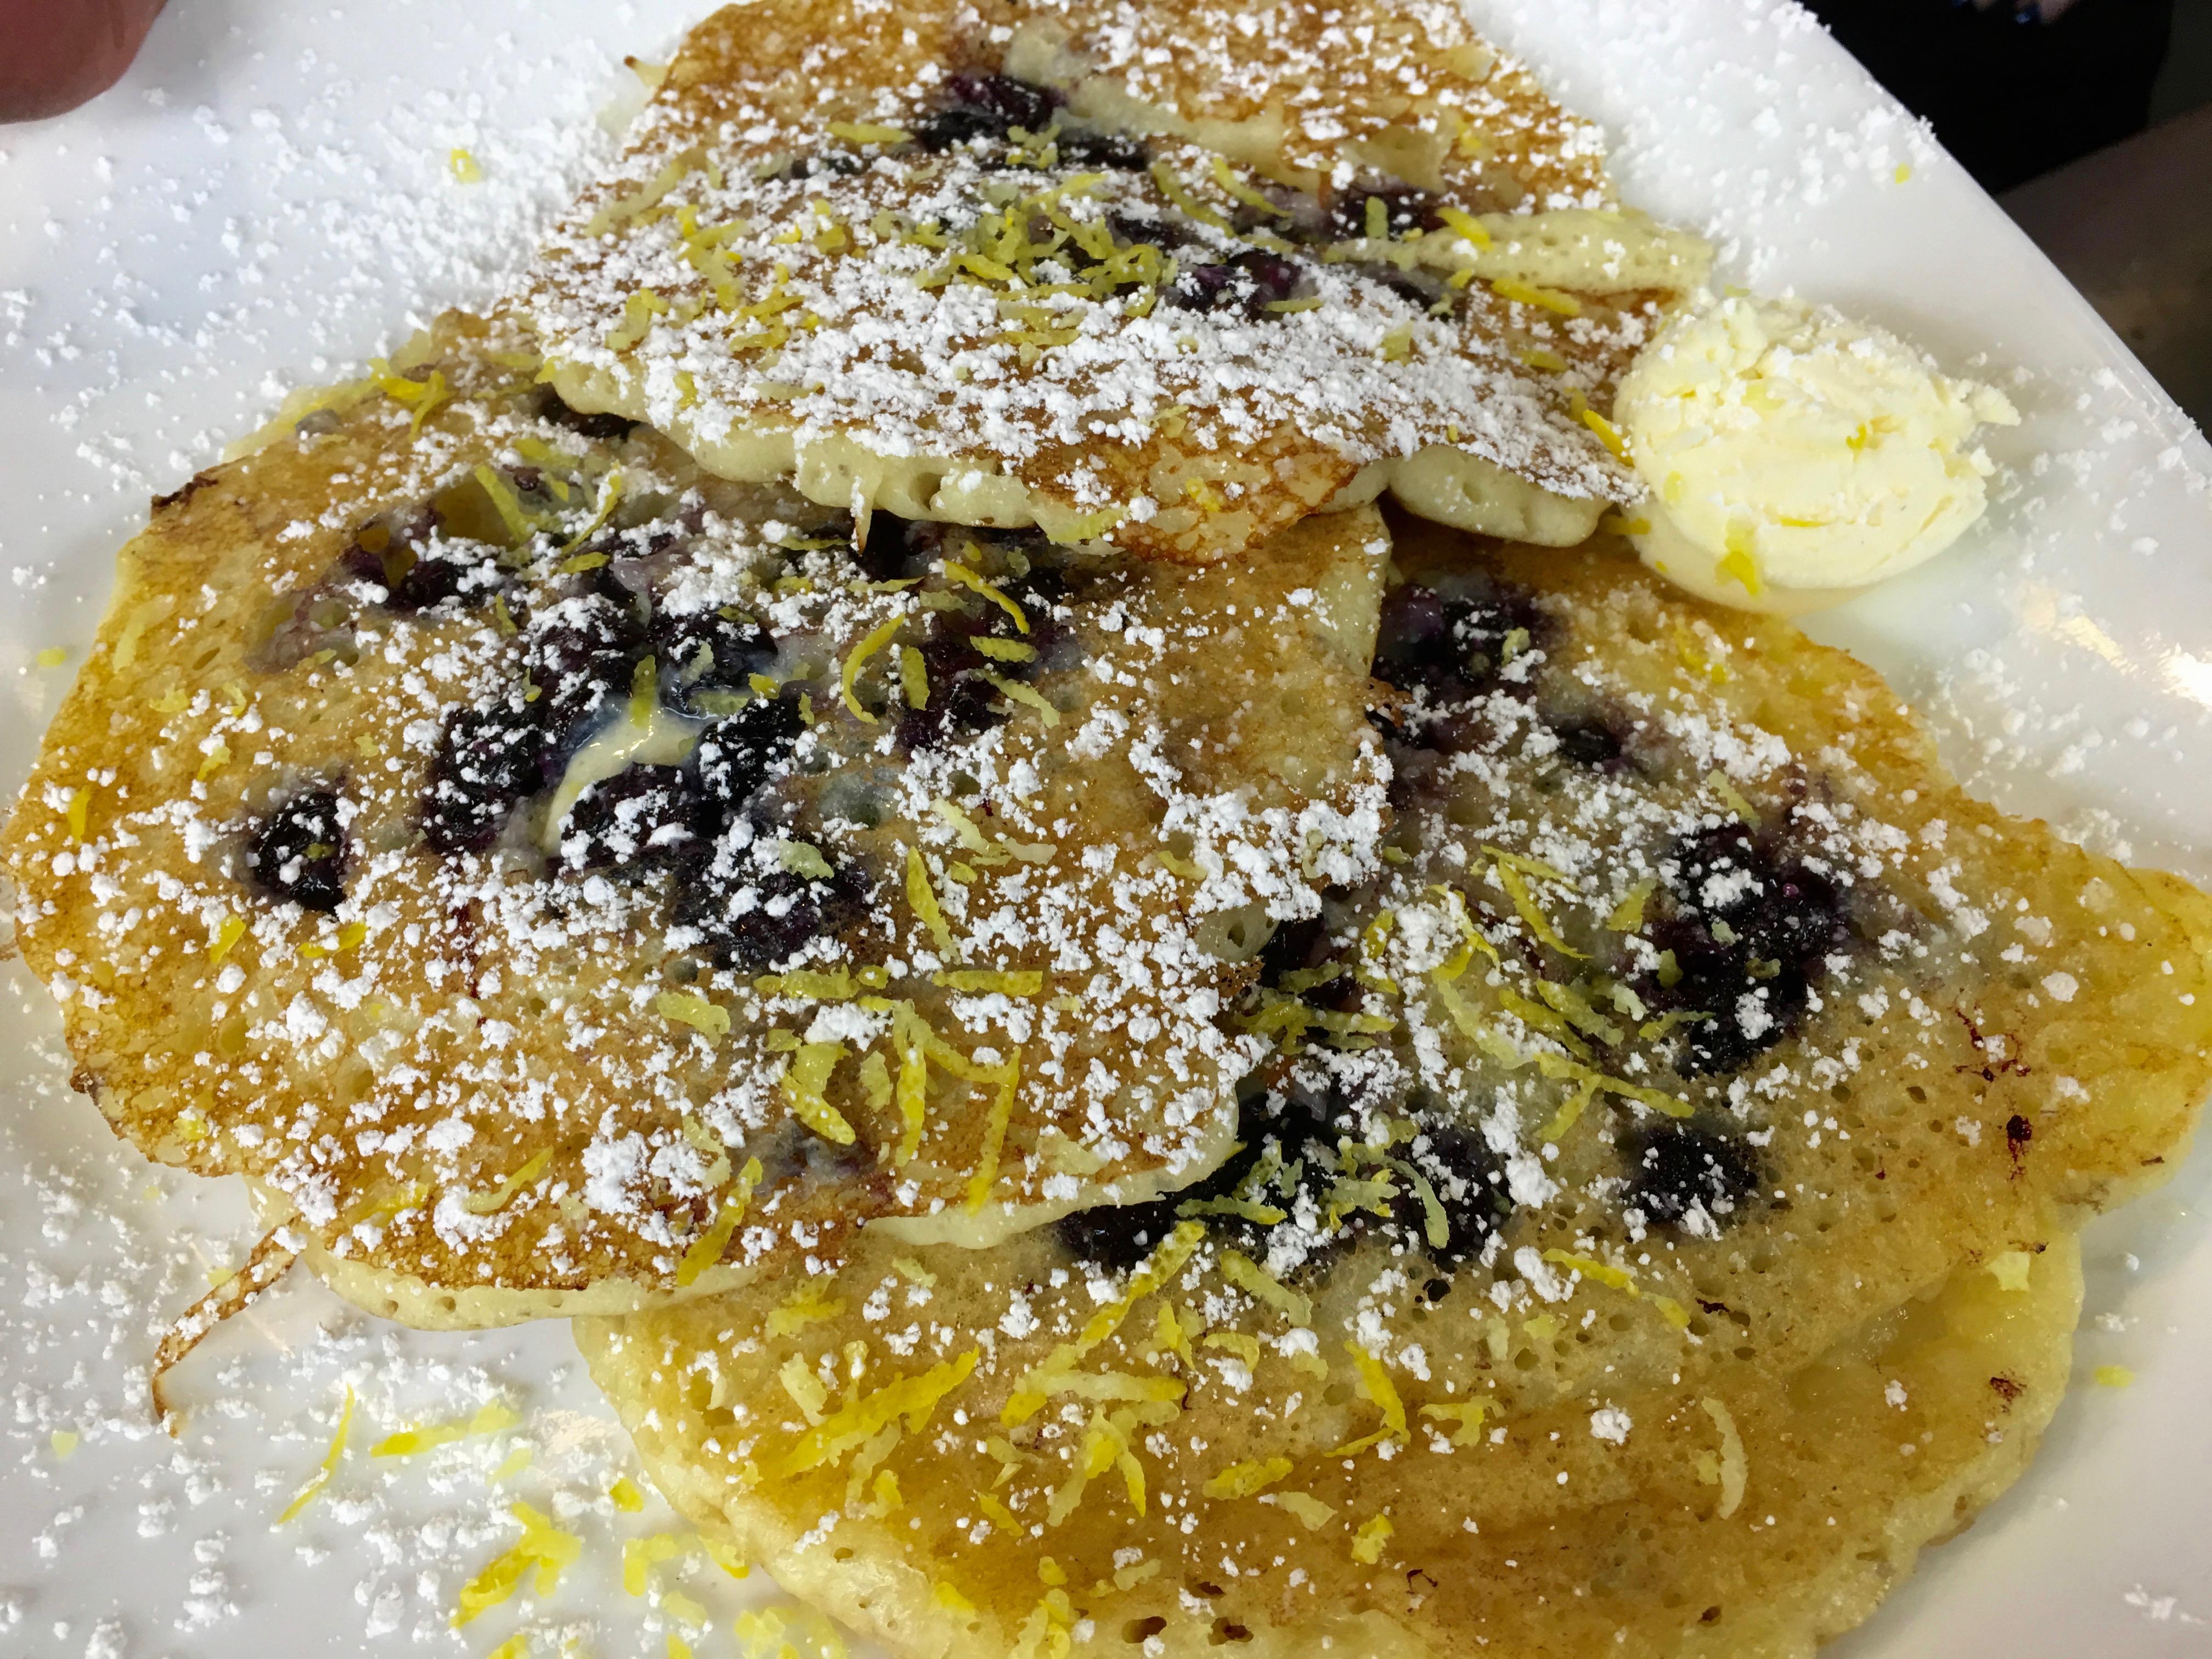 square-cafe-pancake-edit-1